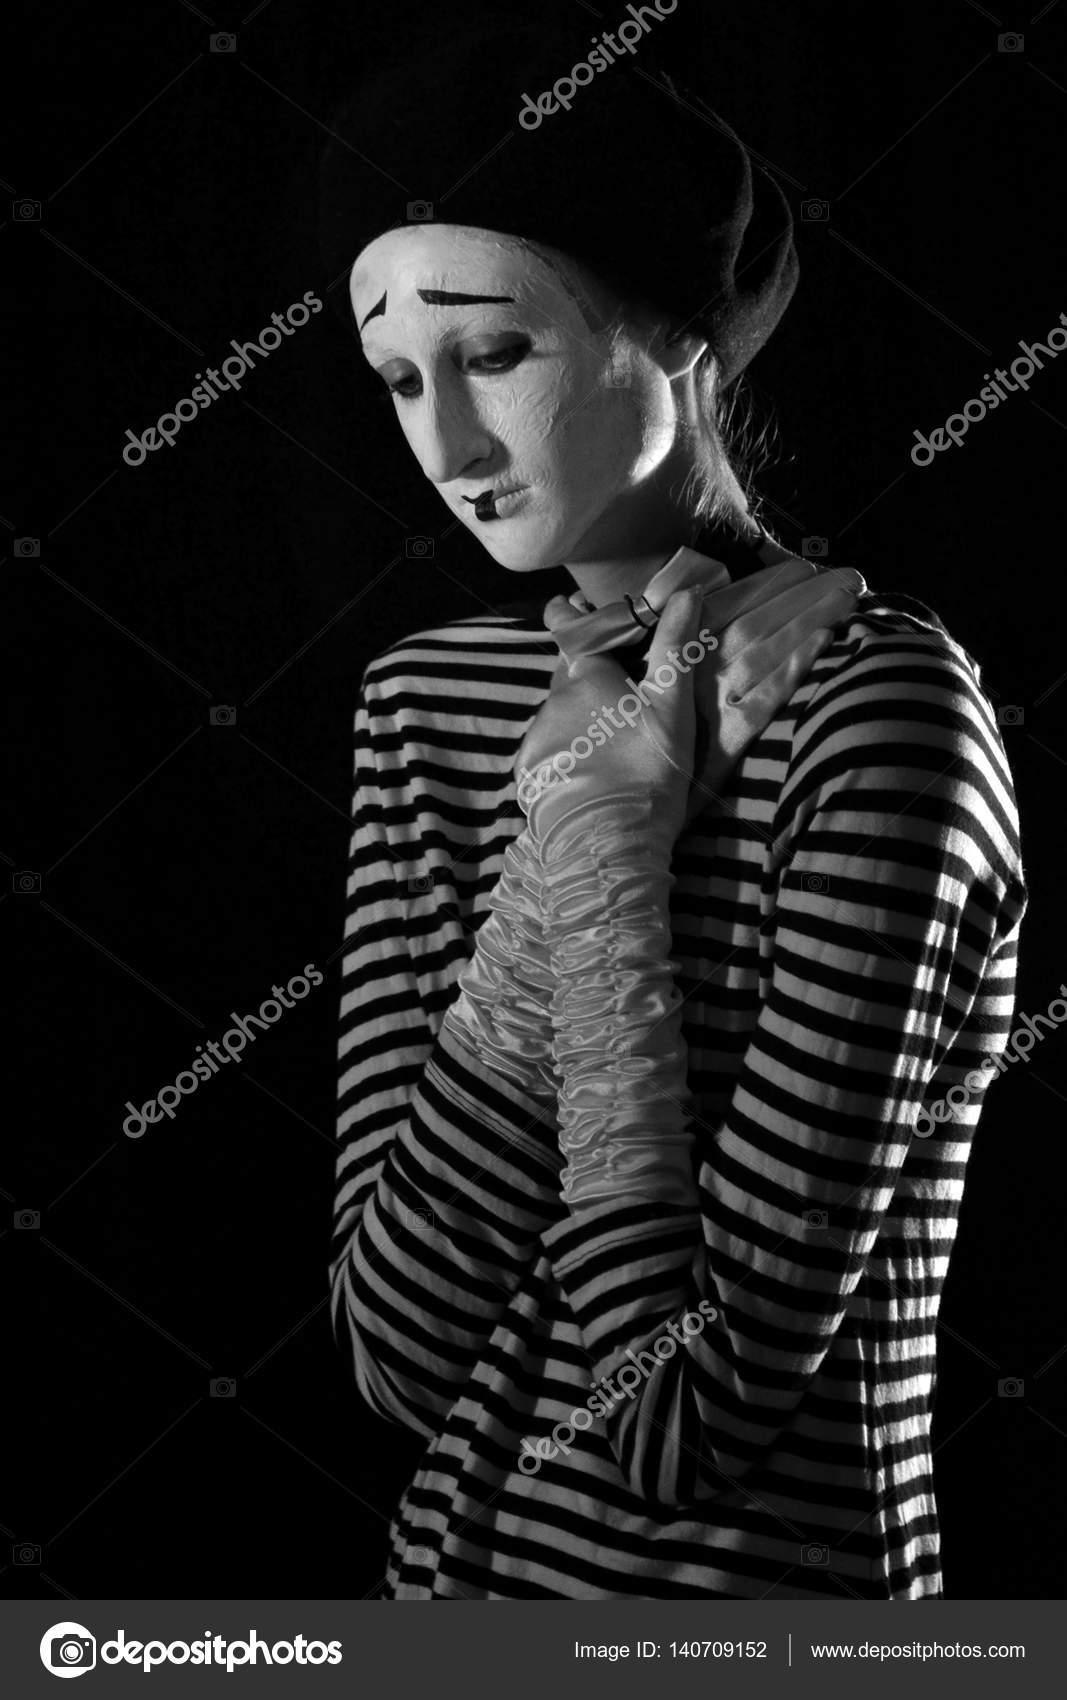 Imágenes De Retrato Retrato De Mimo Triste Llorando Sobre Fondo